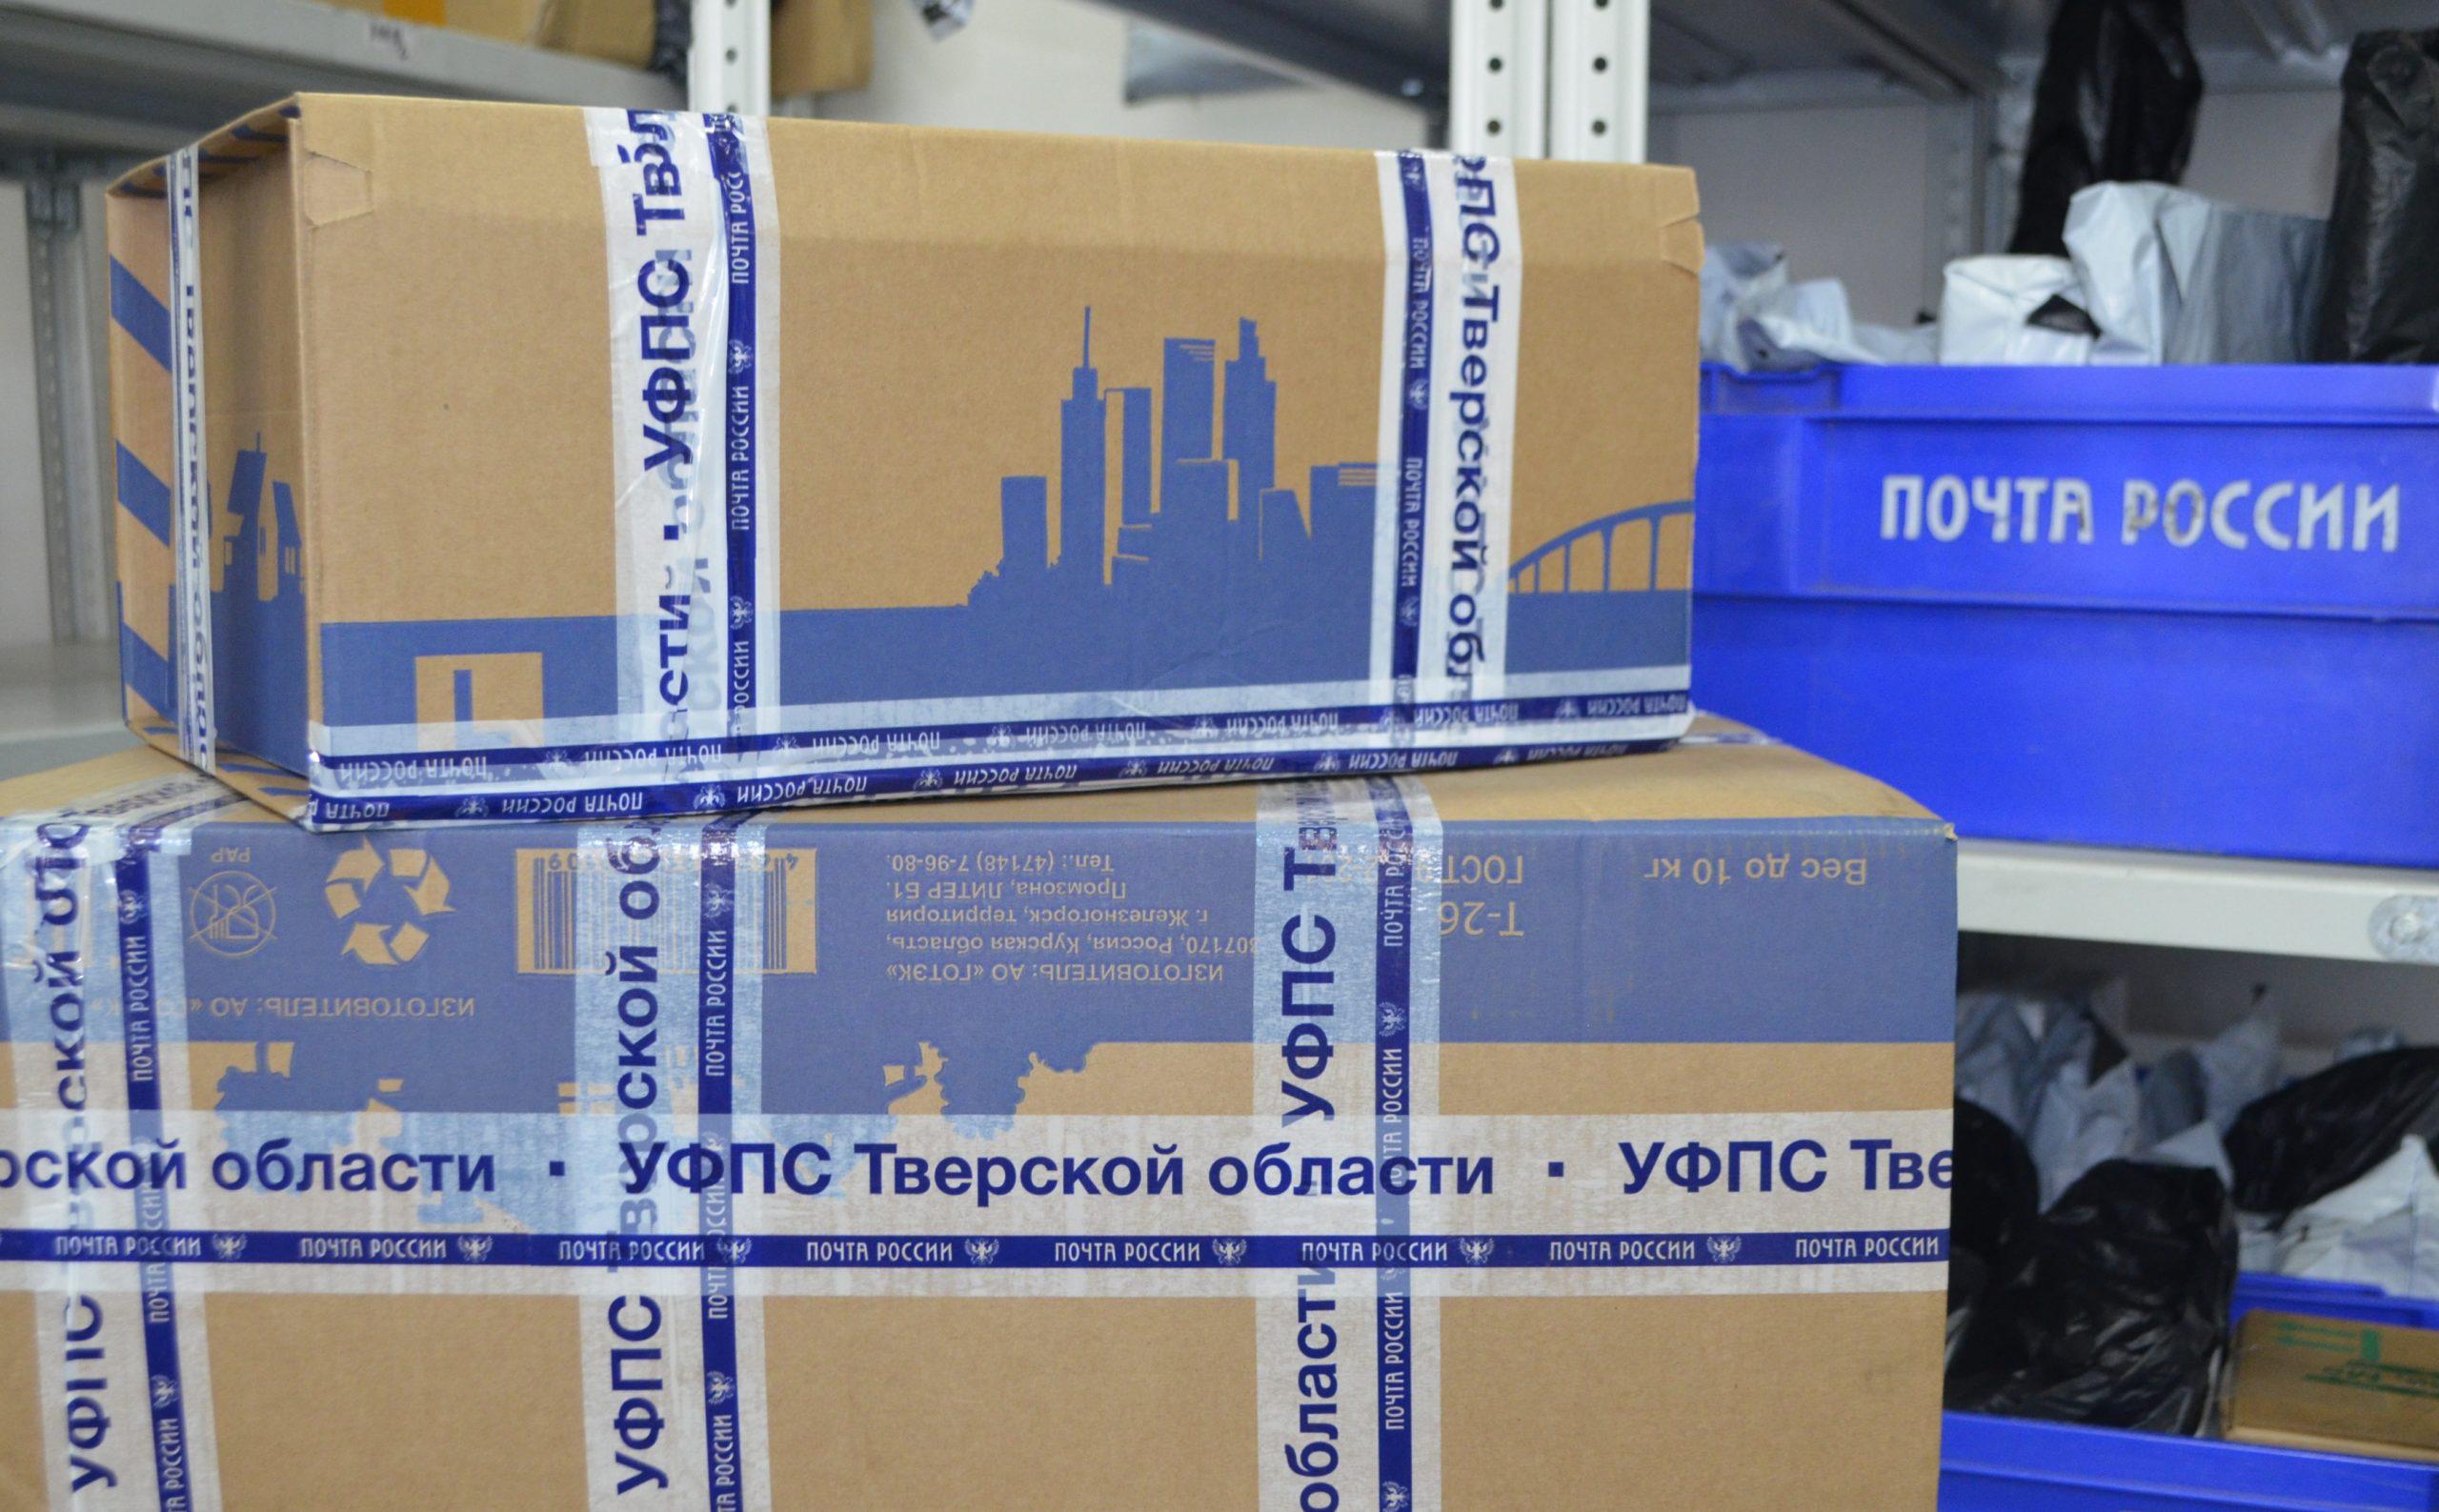 Клиенты Почты России в Тверской области смогут бесплатно отправить одну международную посылку